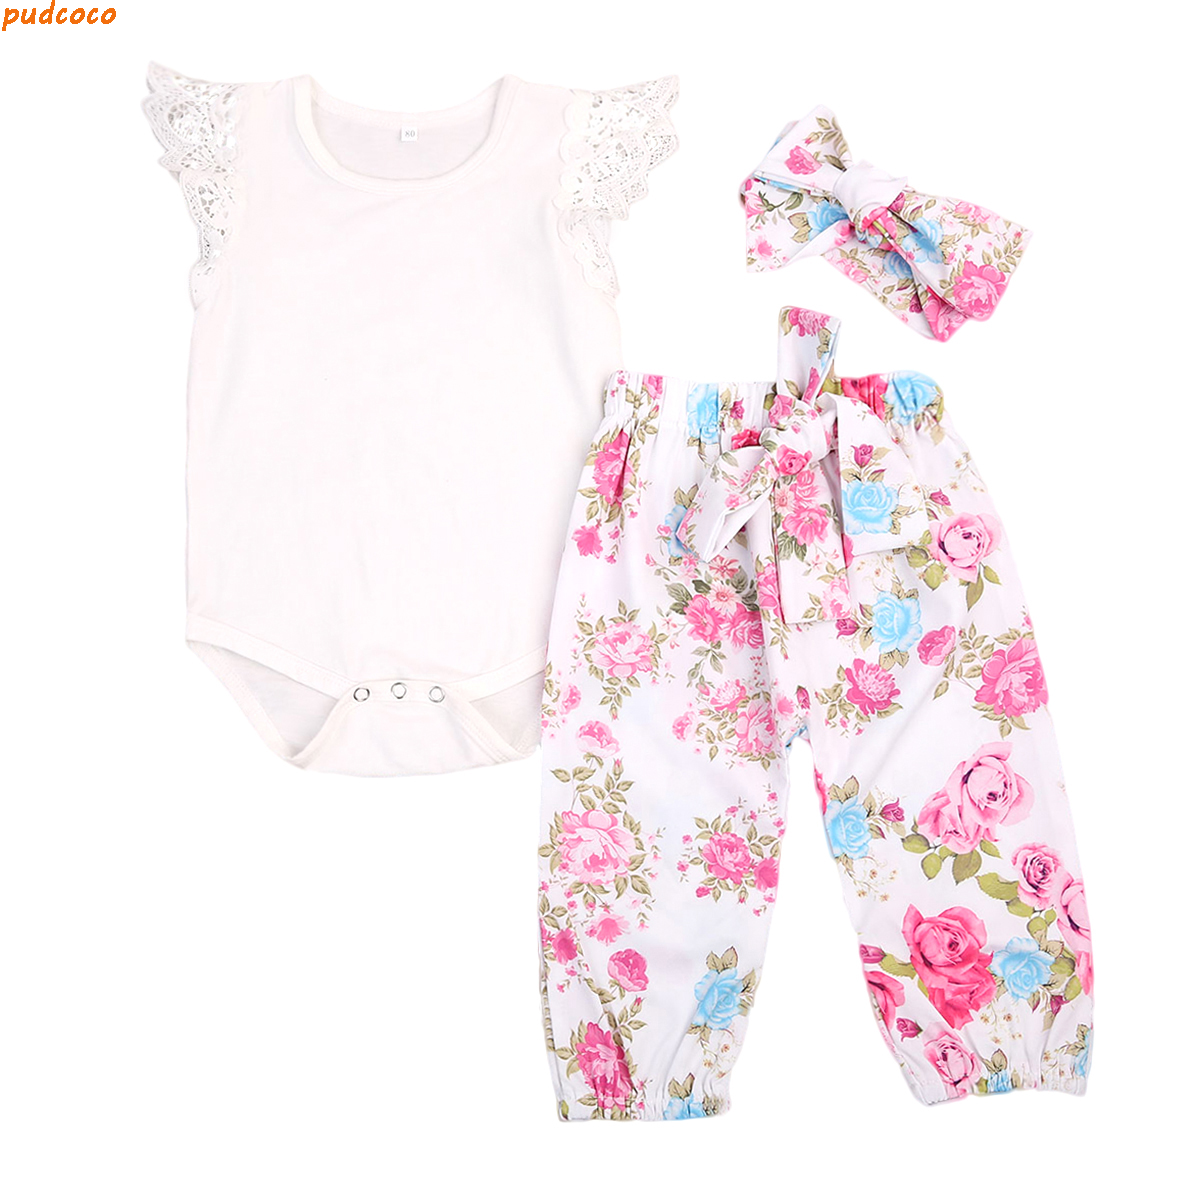 3 24 M Bayi Musim Panas Bodysuits Romper Lengan Pendek Baju Kiih Jumper Kodok Overall Lovely Day Pcs Set Floral Baru Lahir Perempuan Pakaian Balita Top Lace